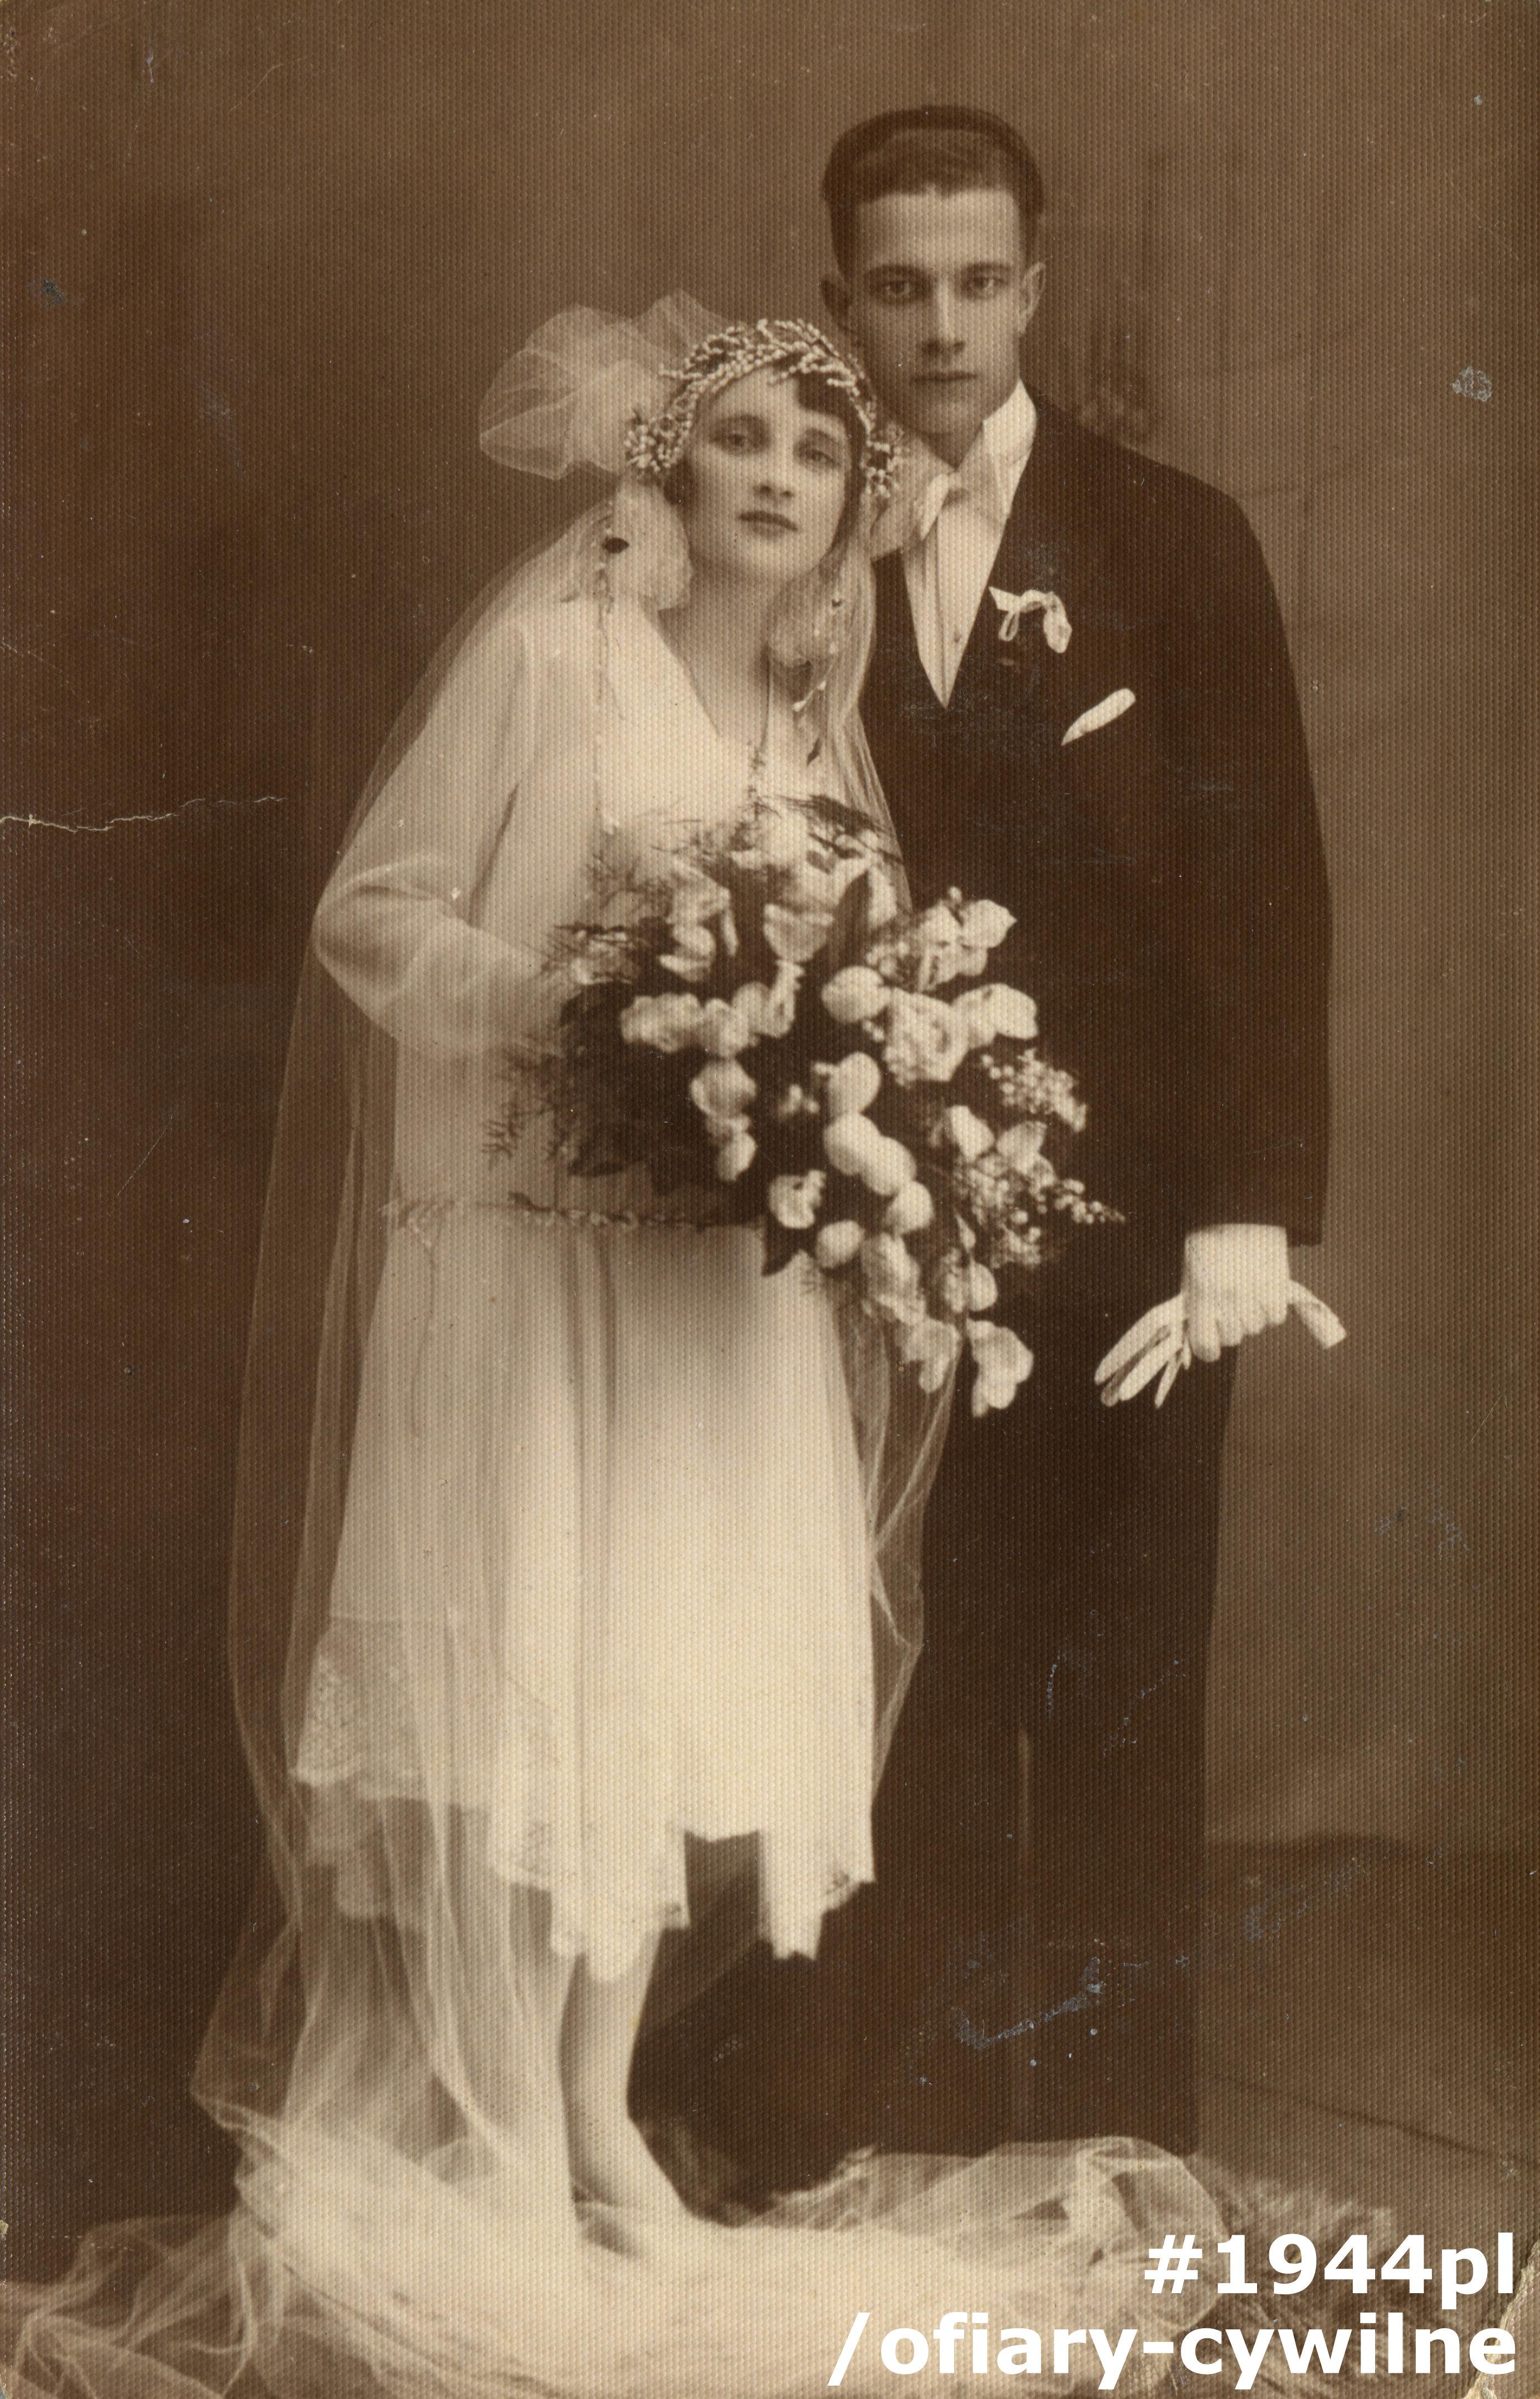 Fotografia ślubna Czesława i Władysławy Lipińskich, udostępniła Pani Anna Stępniewska